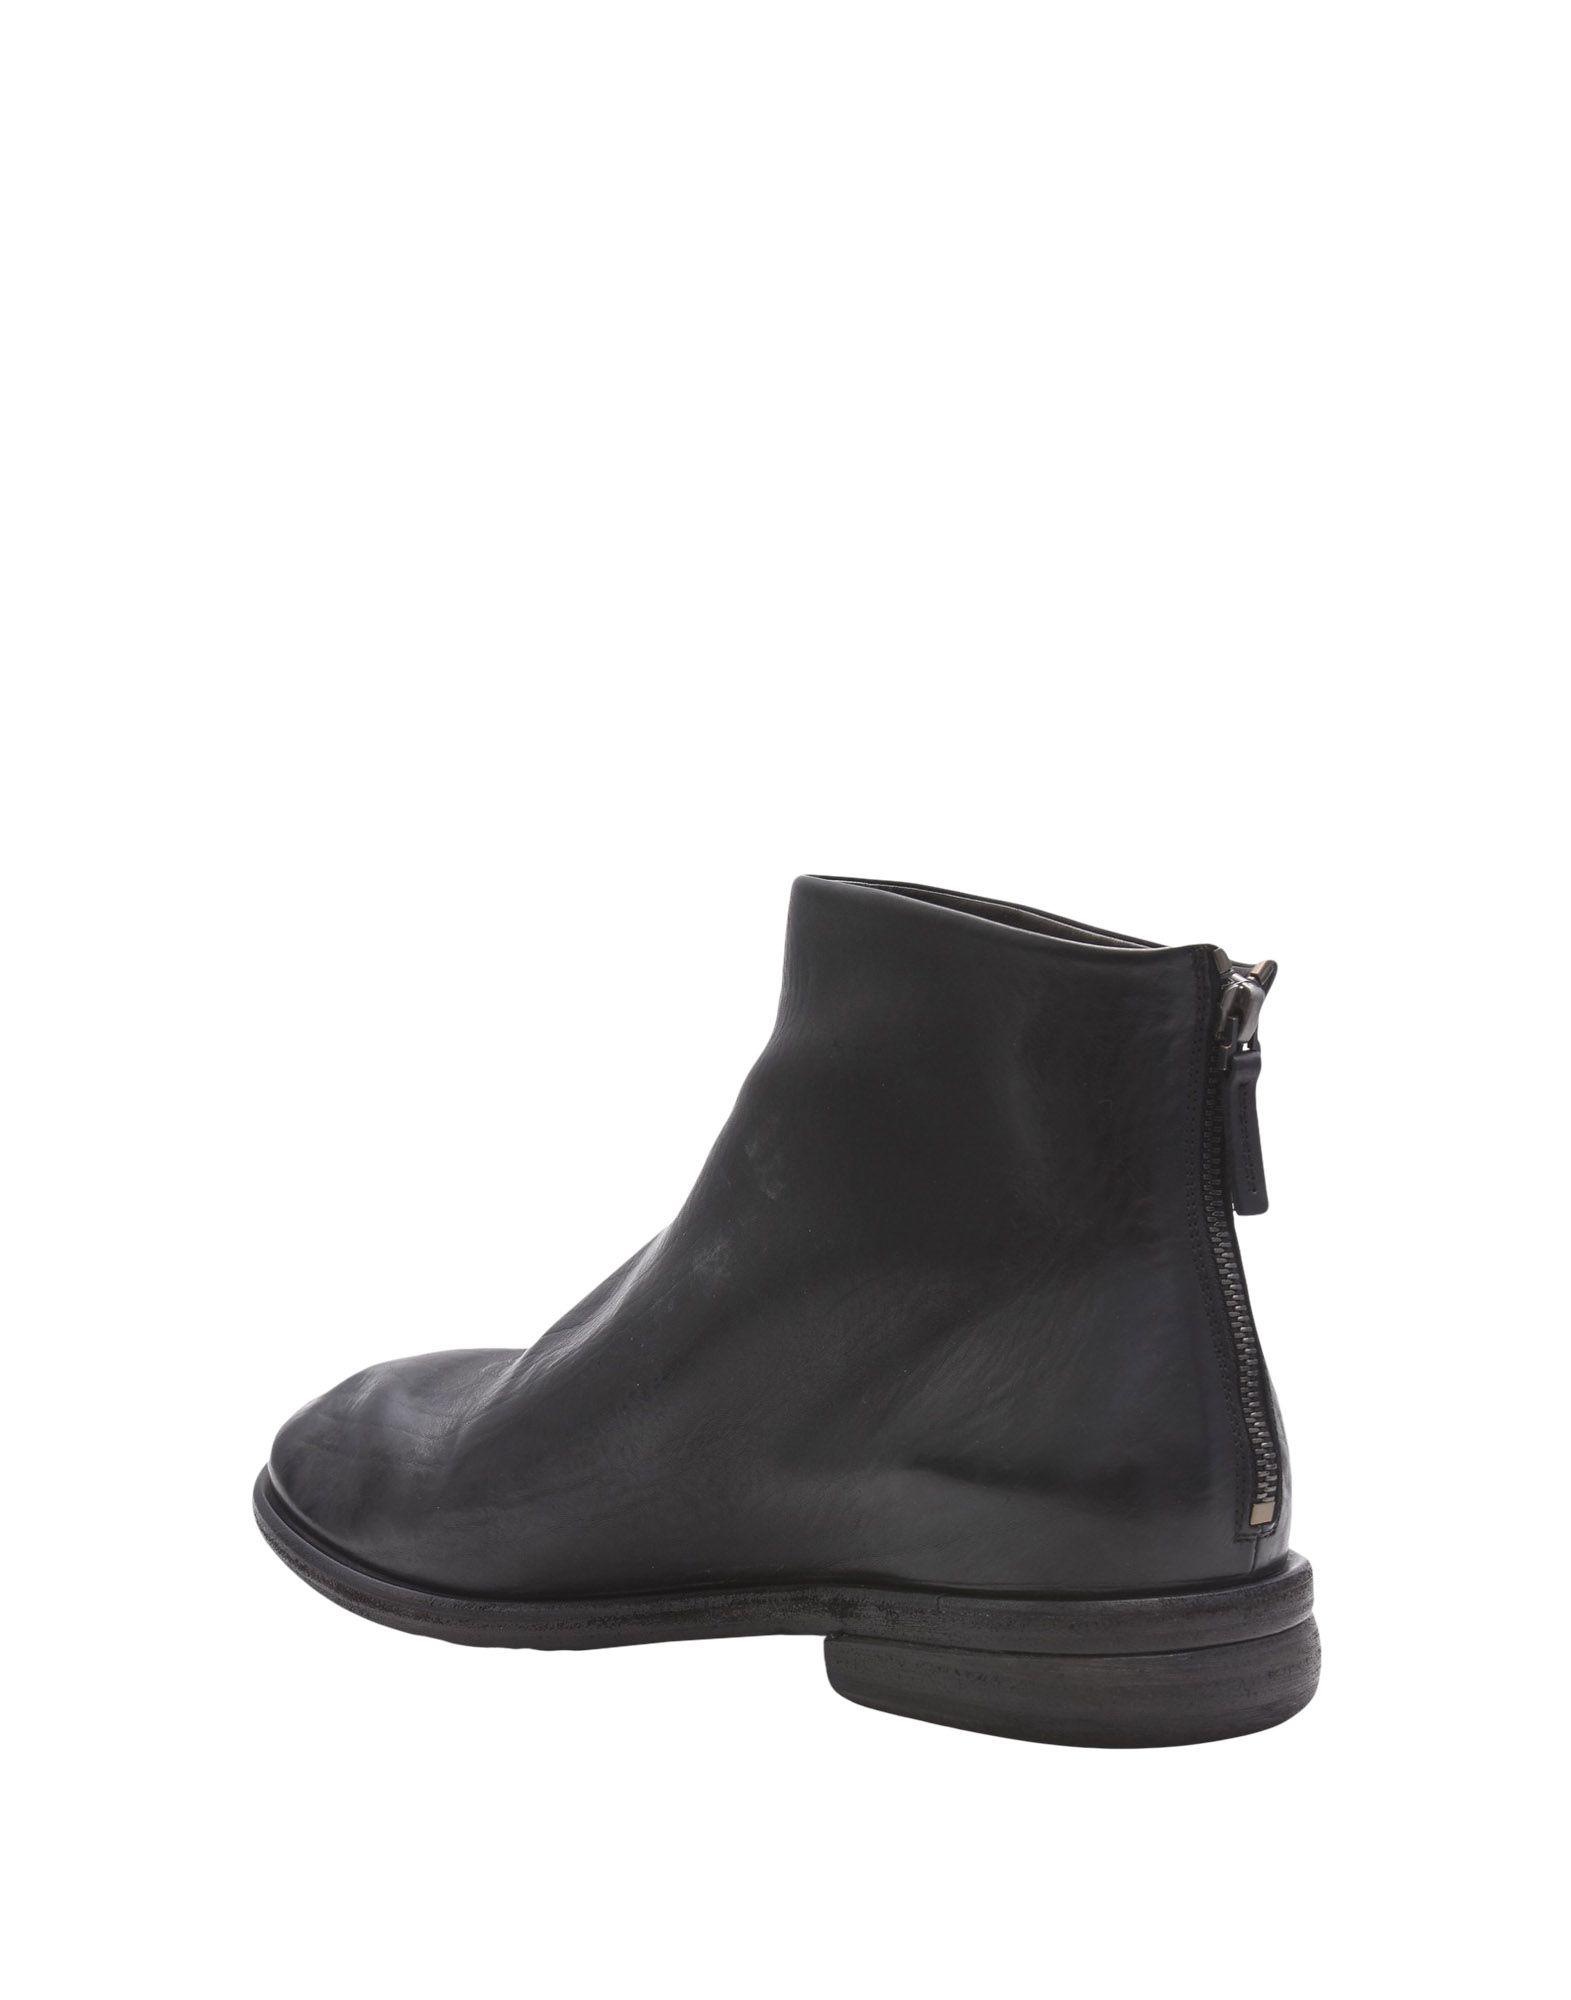 Marsèll 11524625US Stiefelette Herren  11524625US Marsèll Gute Qualität beliebte Schuhe 4e722f